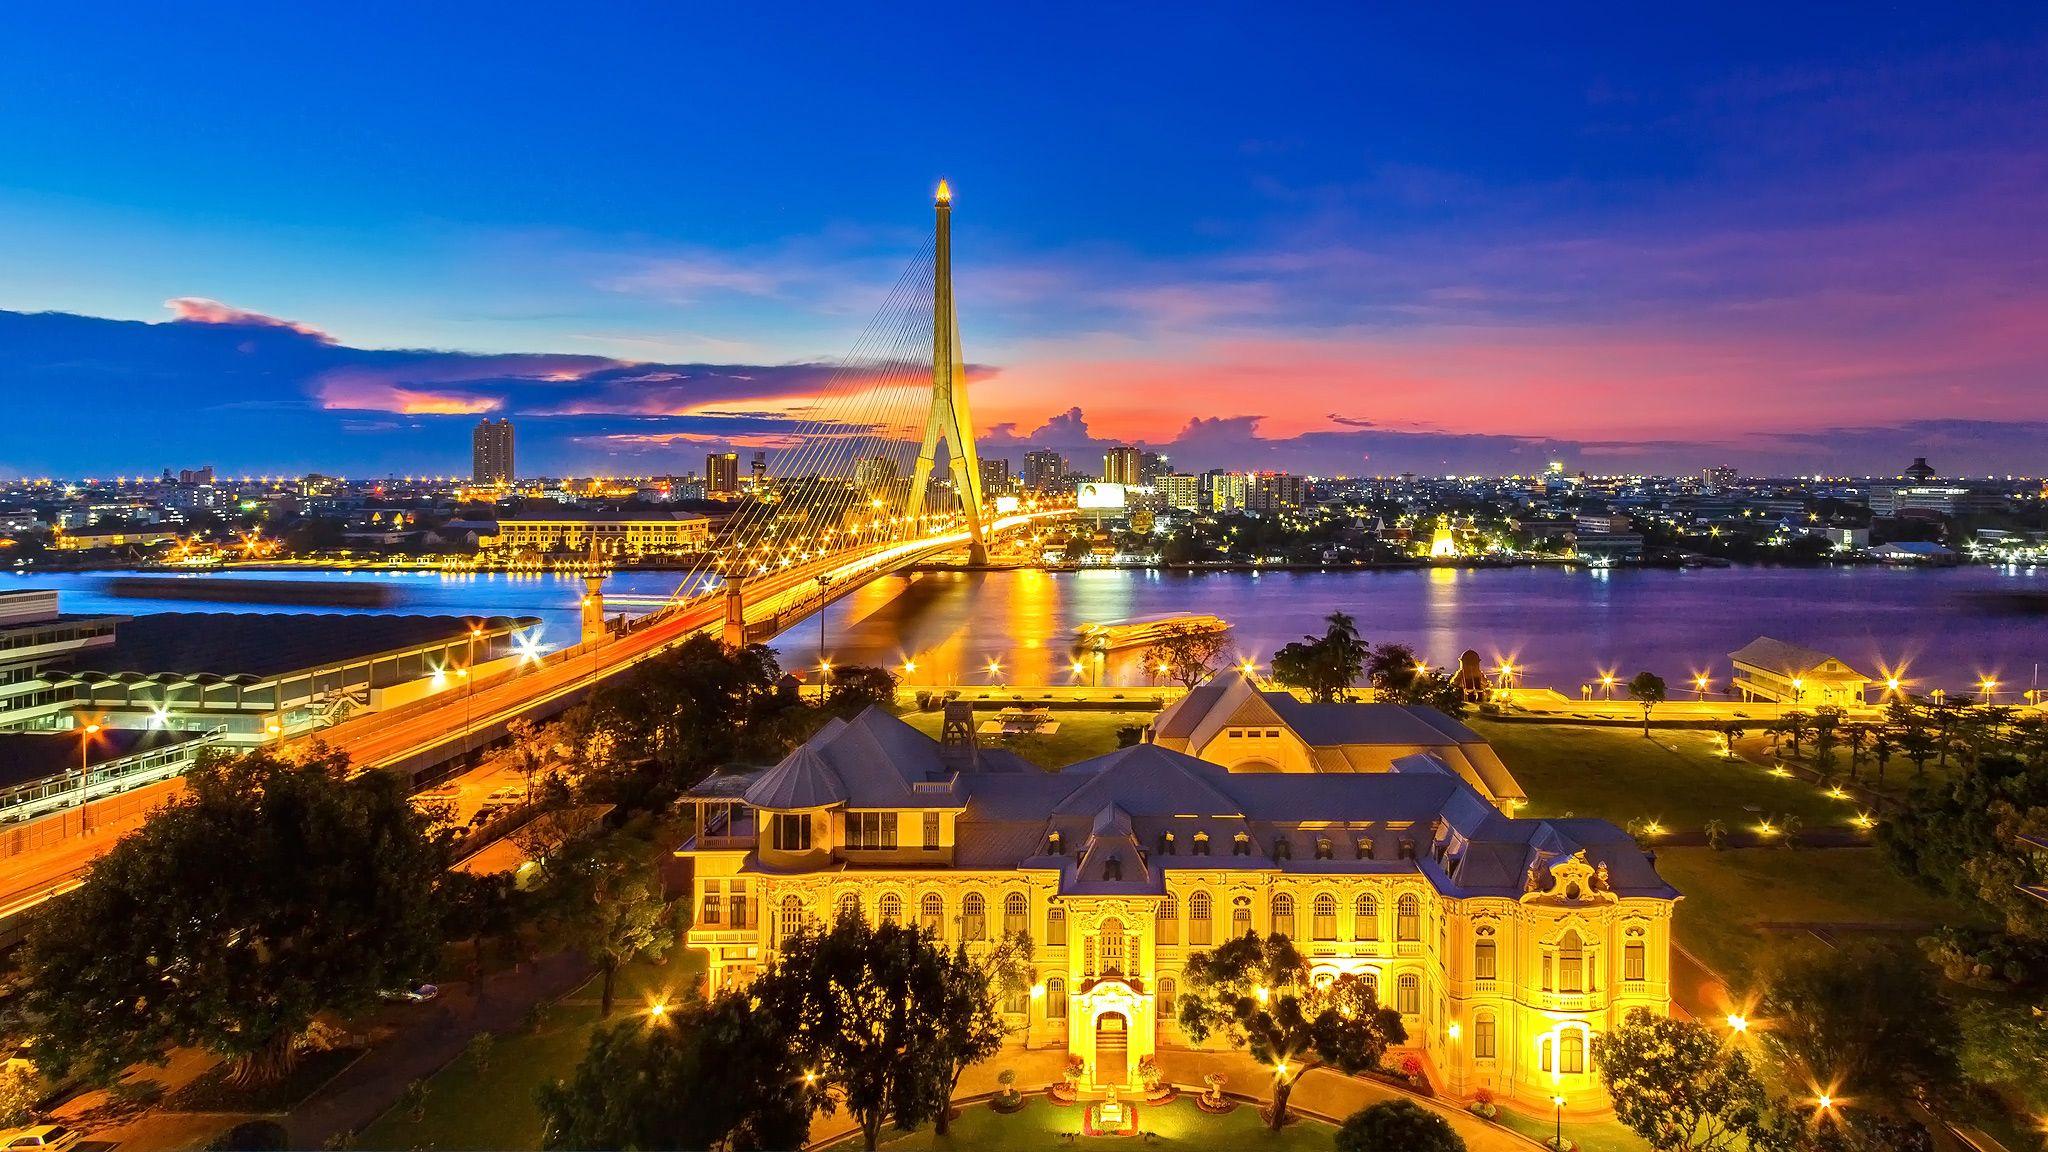 Bangkunprom Palace  Bangkok Thailand by ichoo2000